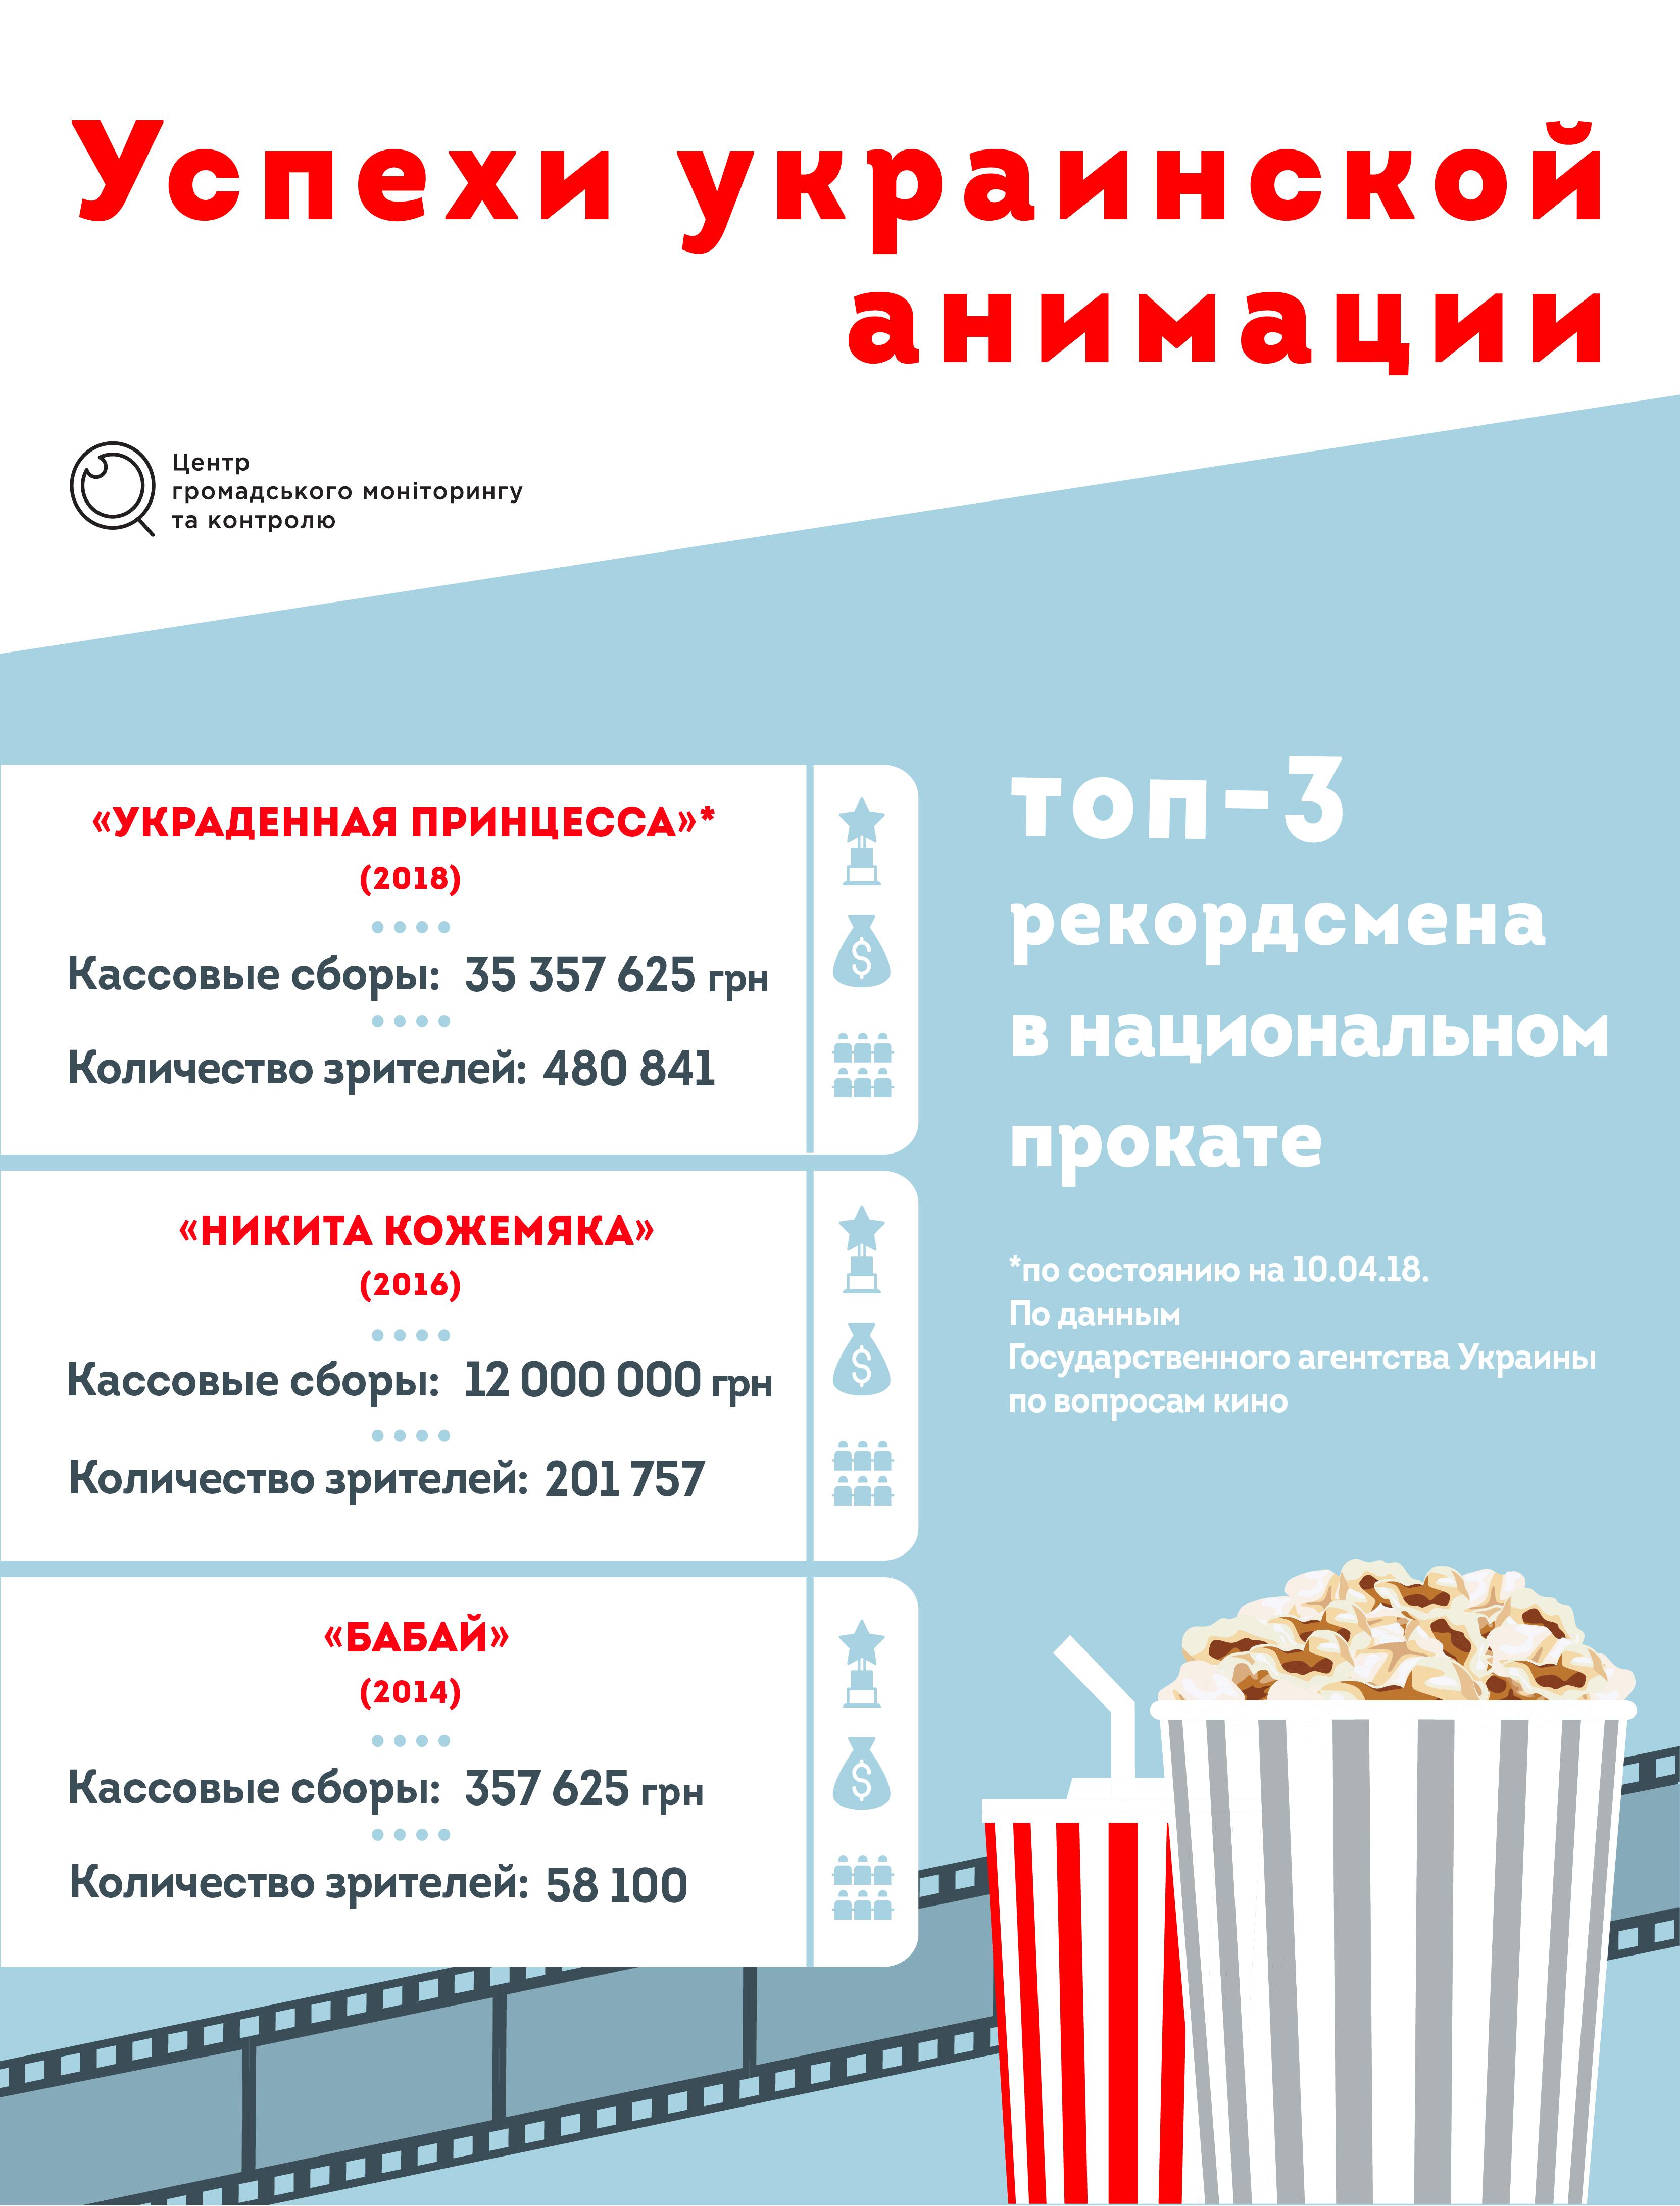 В Украине возрождается анимация - фото 2